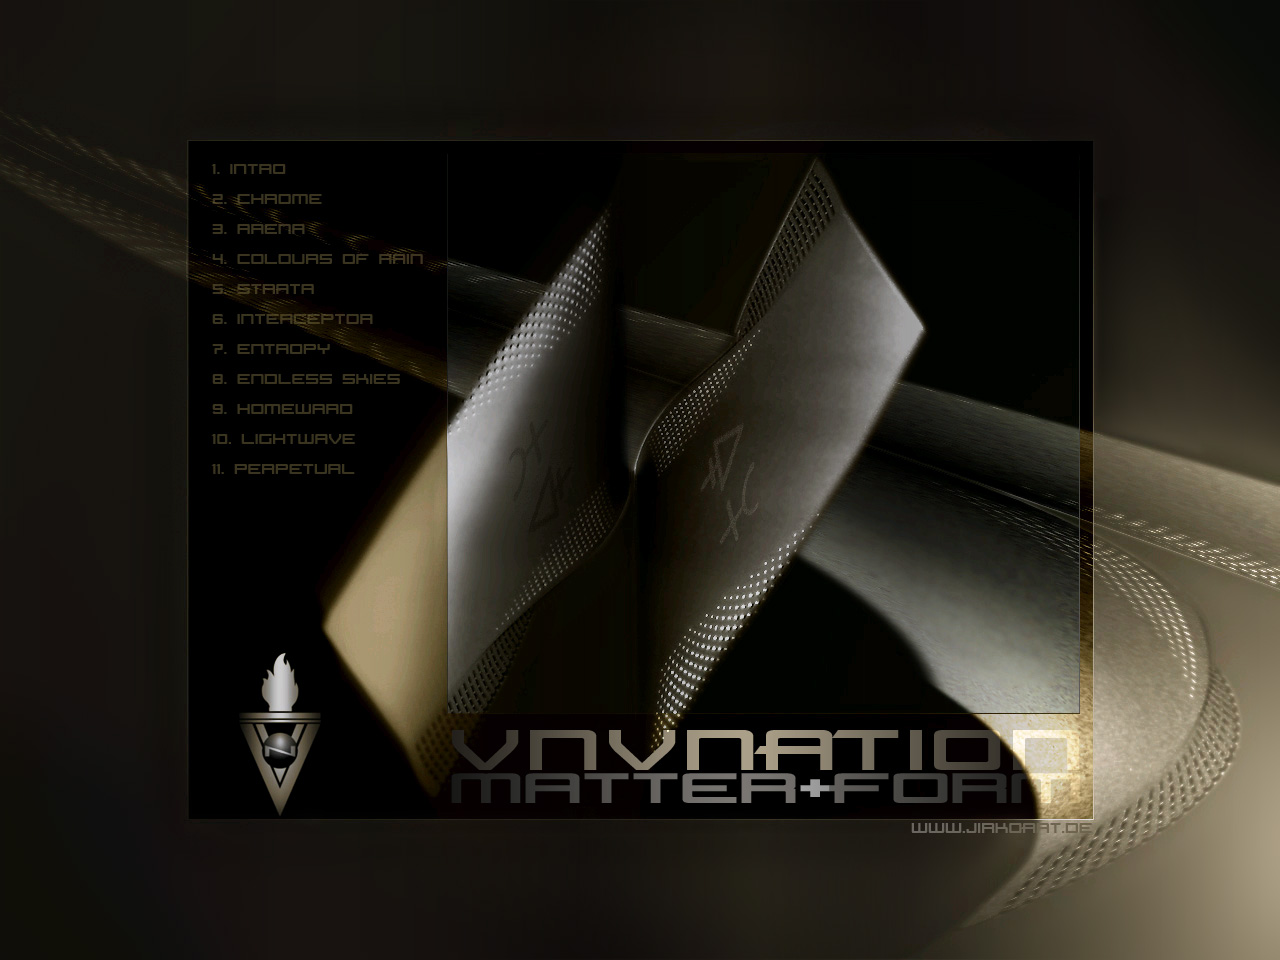 VNV Nation - Matter + Form